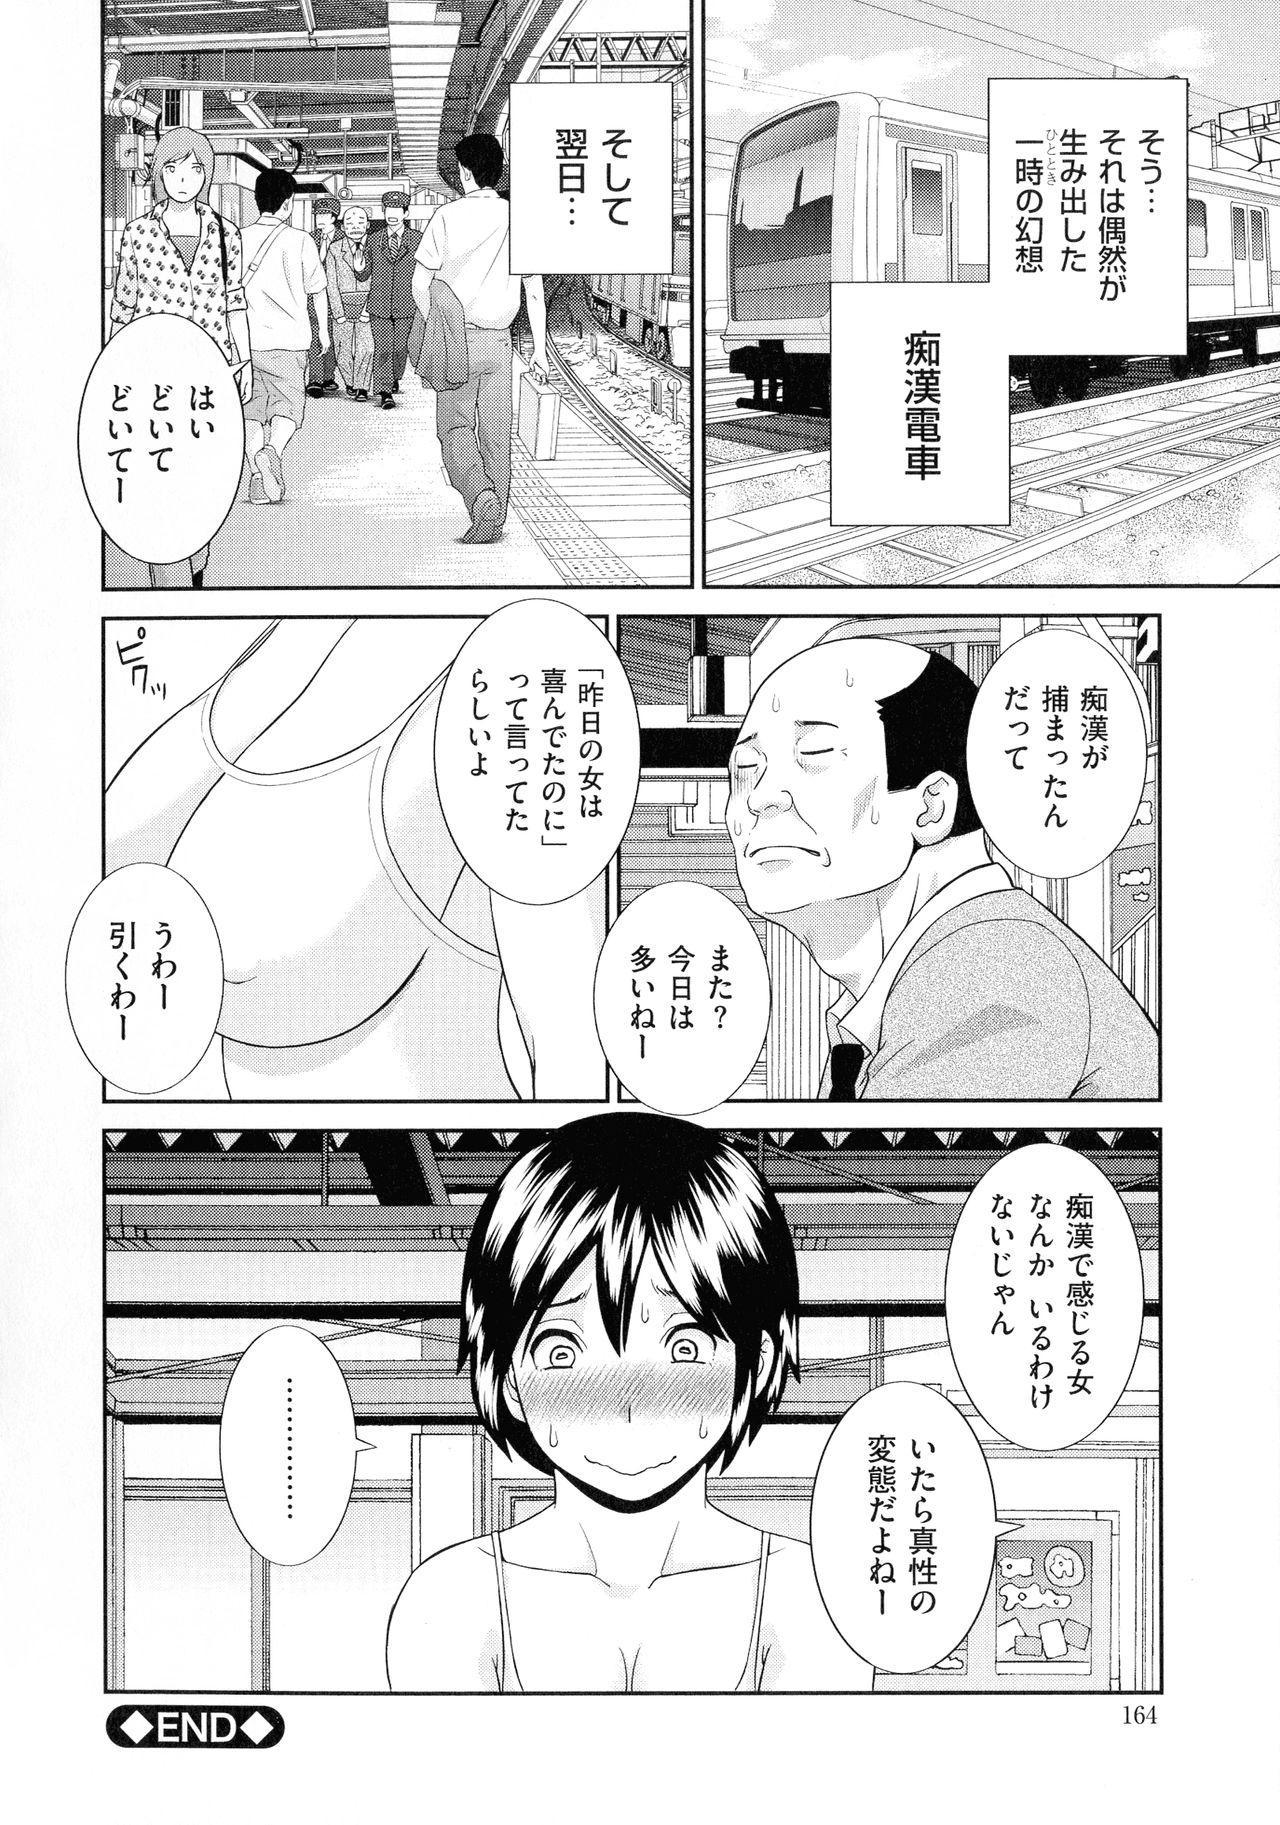 Tennen Torokeru Hatsujozuma 166